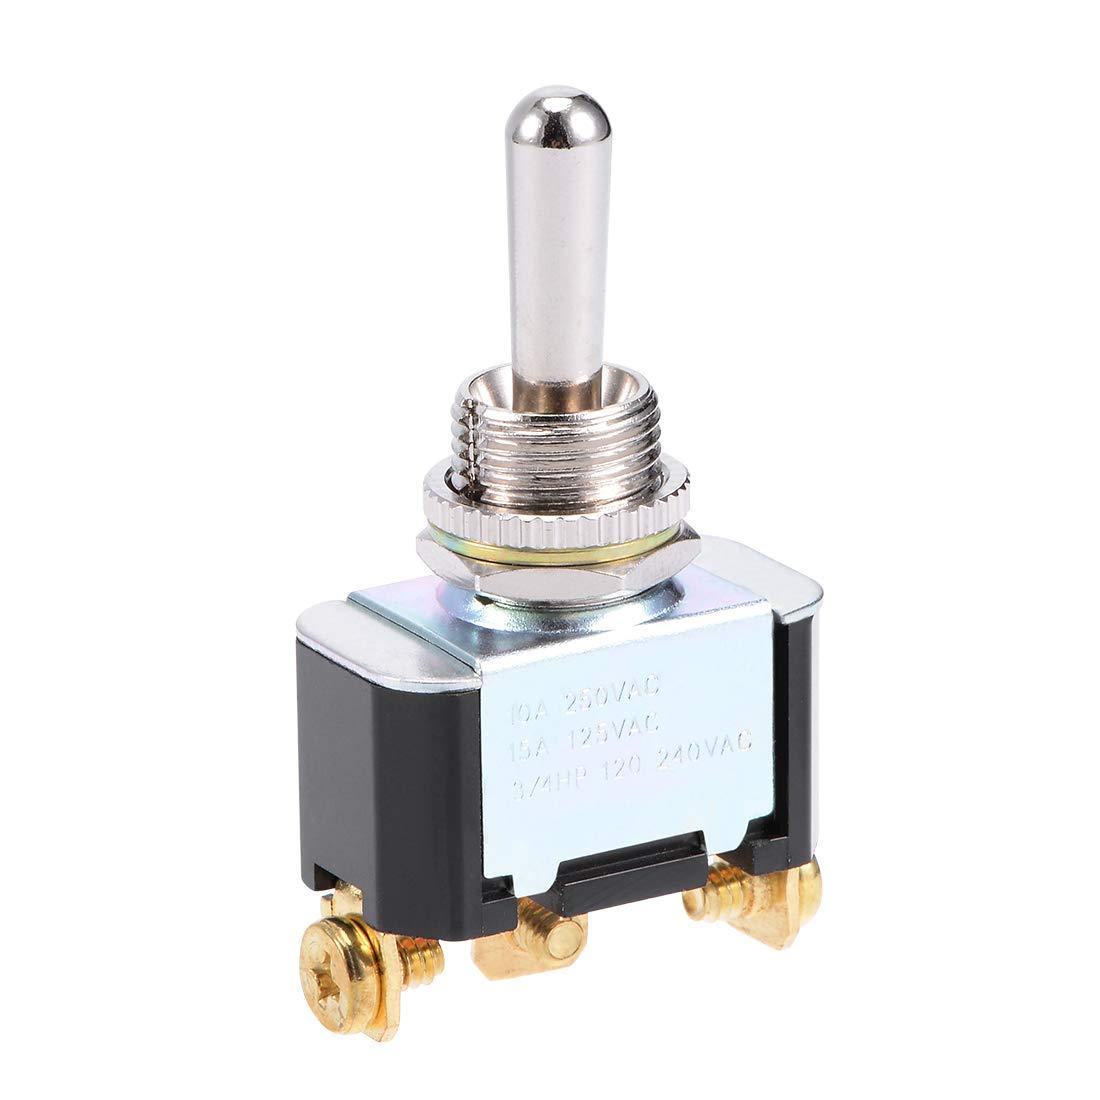 470/Μf Capacitance 20/% Capacitance Tolerance NTE Electronics NEH470M10CC Series Neh Aluminum Electrolytic Capacitor Axial Lead 10V Inc.